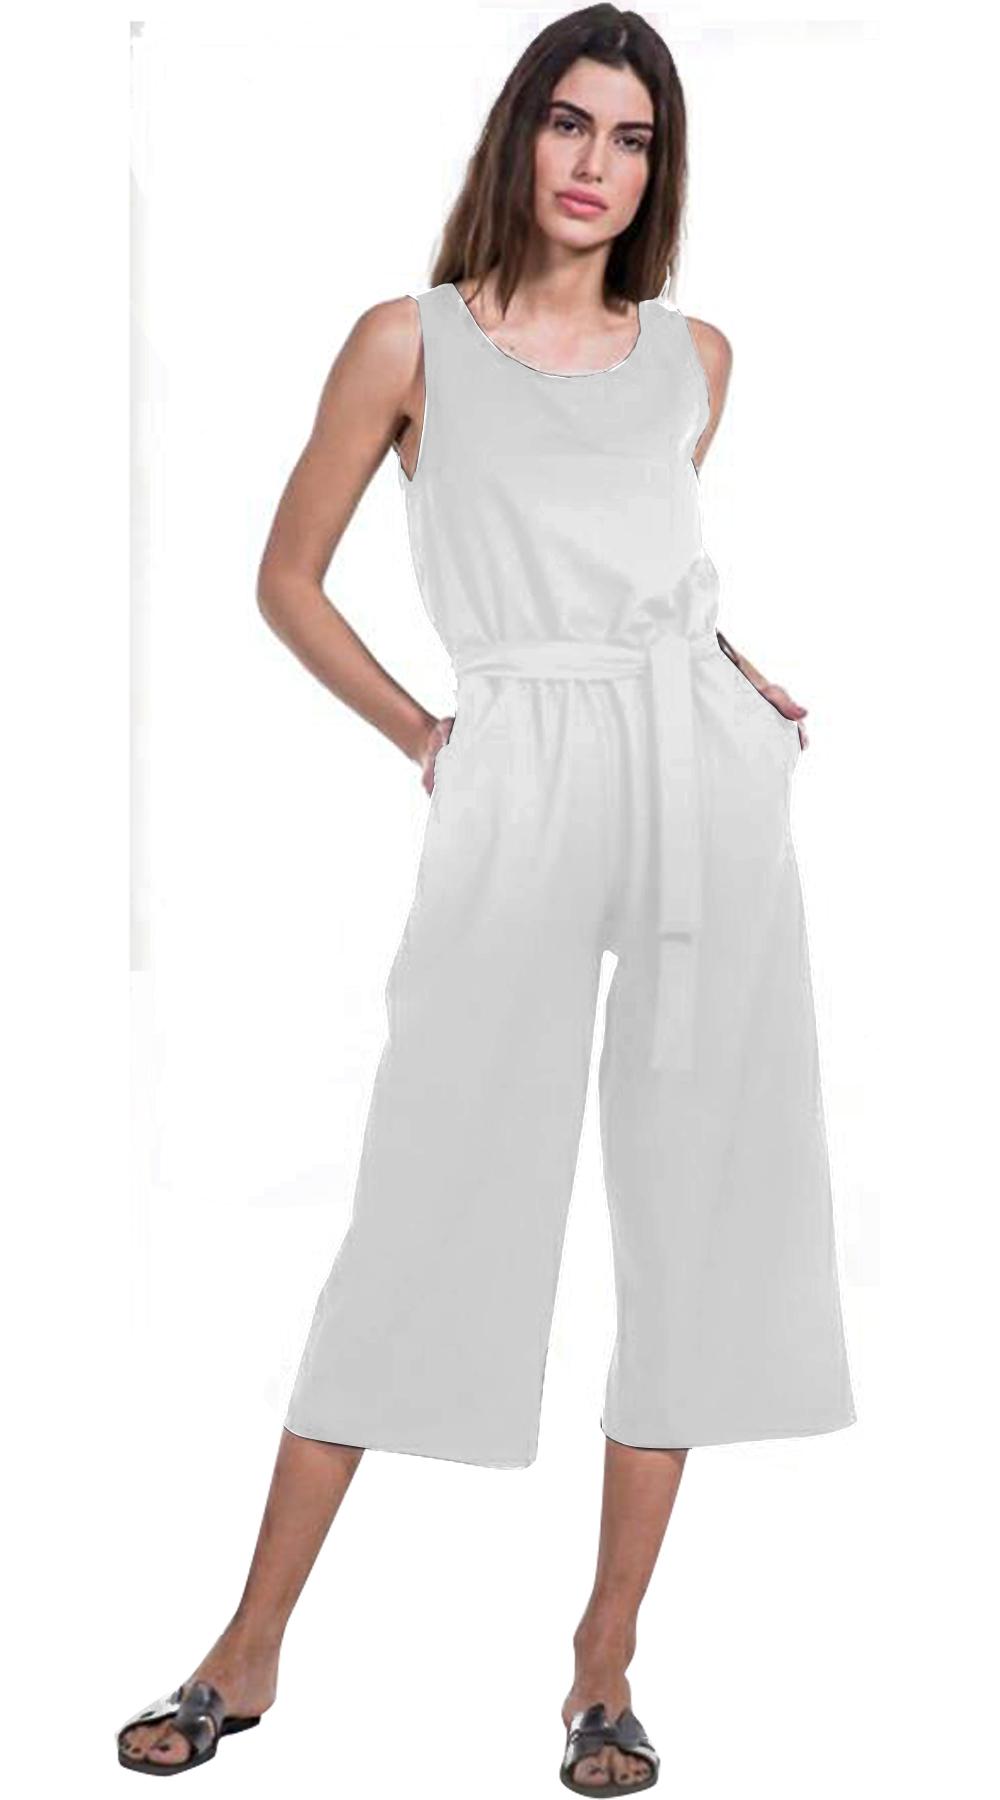 Γυναικεία ολόσωμη φόρμα με ζιπ κιλότ τελείωμα - Greek Brands - SP18NA-23003 top trends casual chic